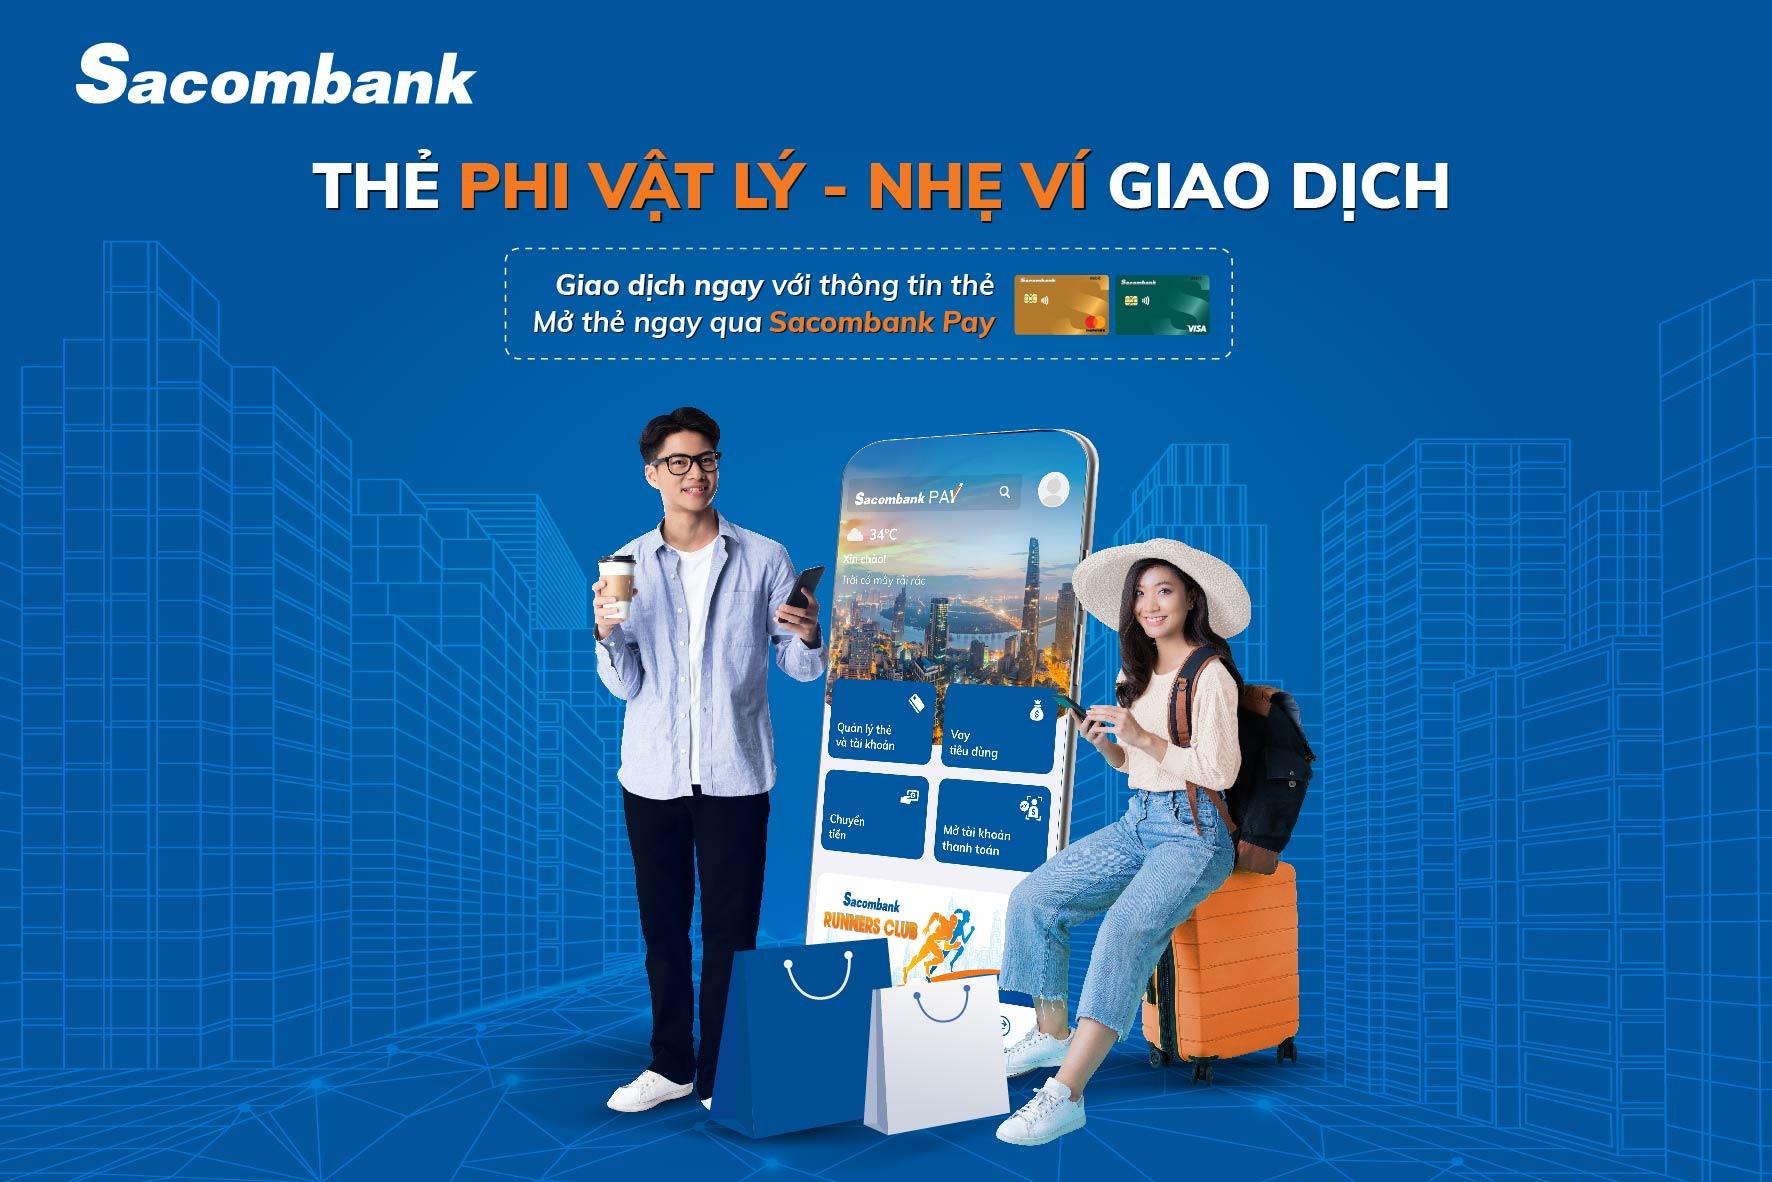 Mở thẻ phi vật lý dễ dàng trên ứng dụng Sacombank Pay